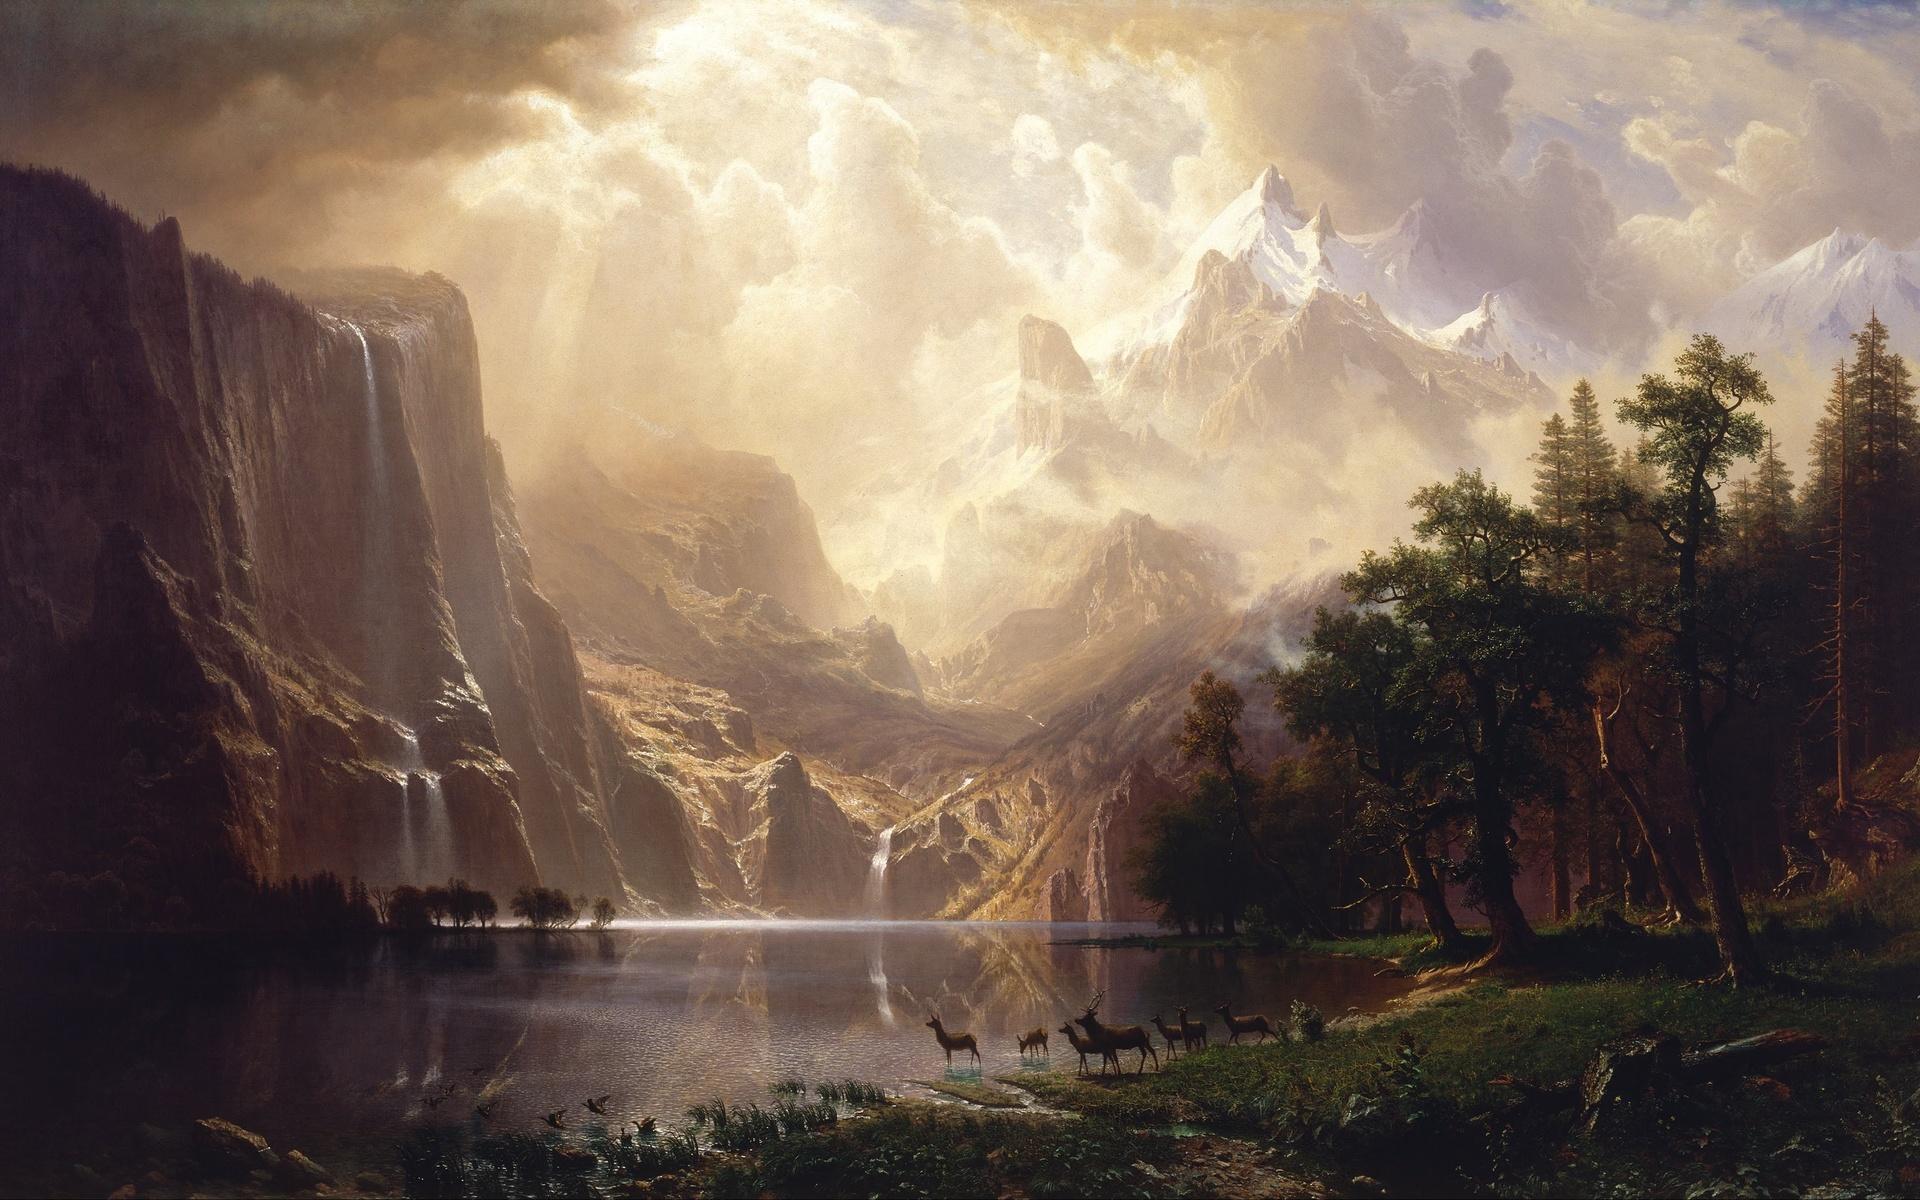 художественный картинка пейзаж немногие